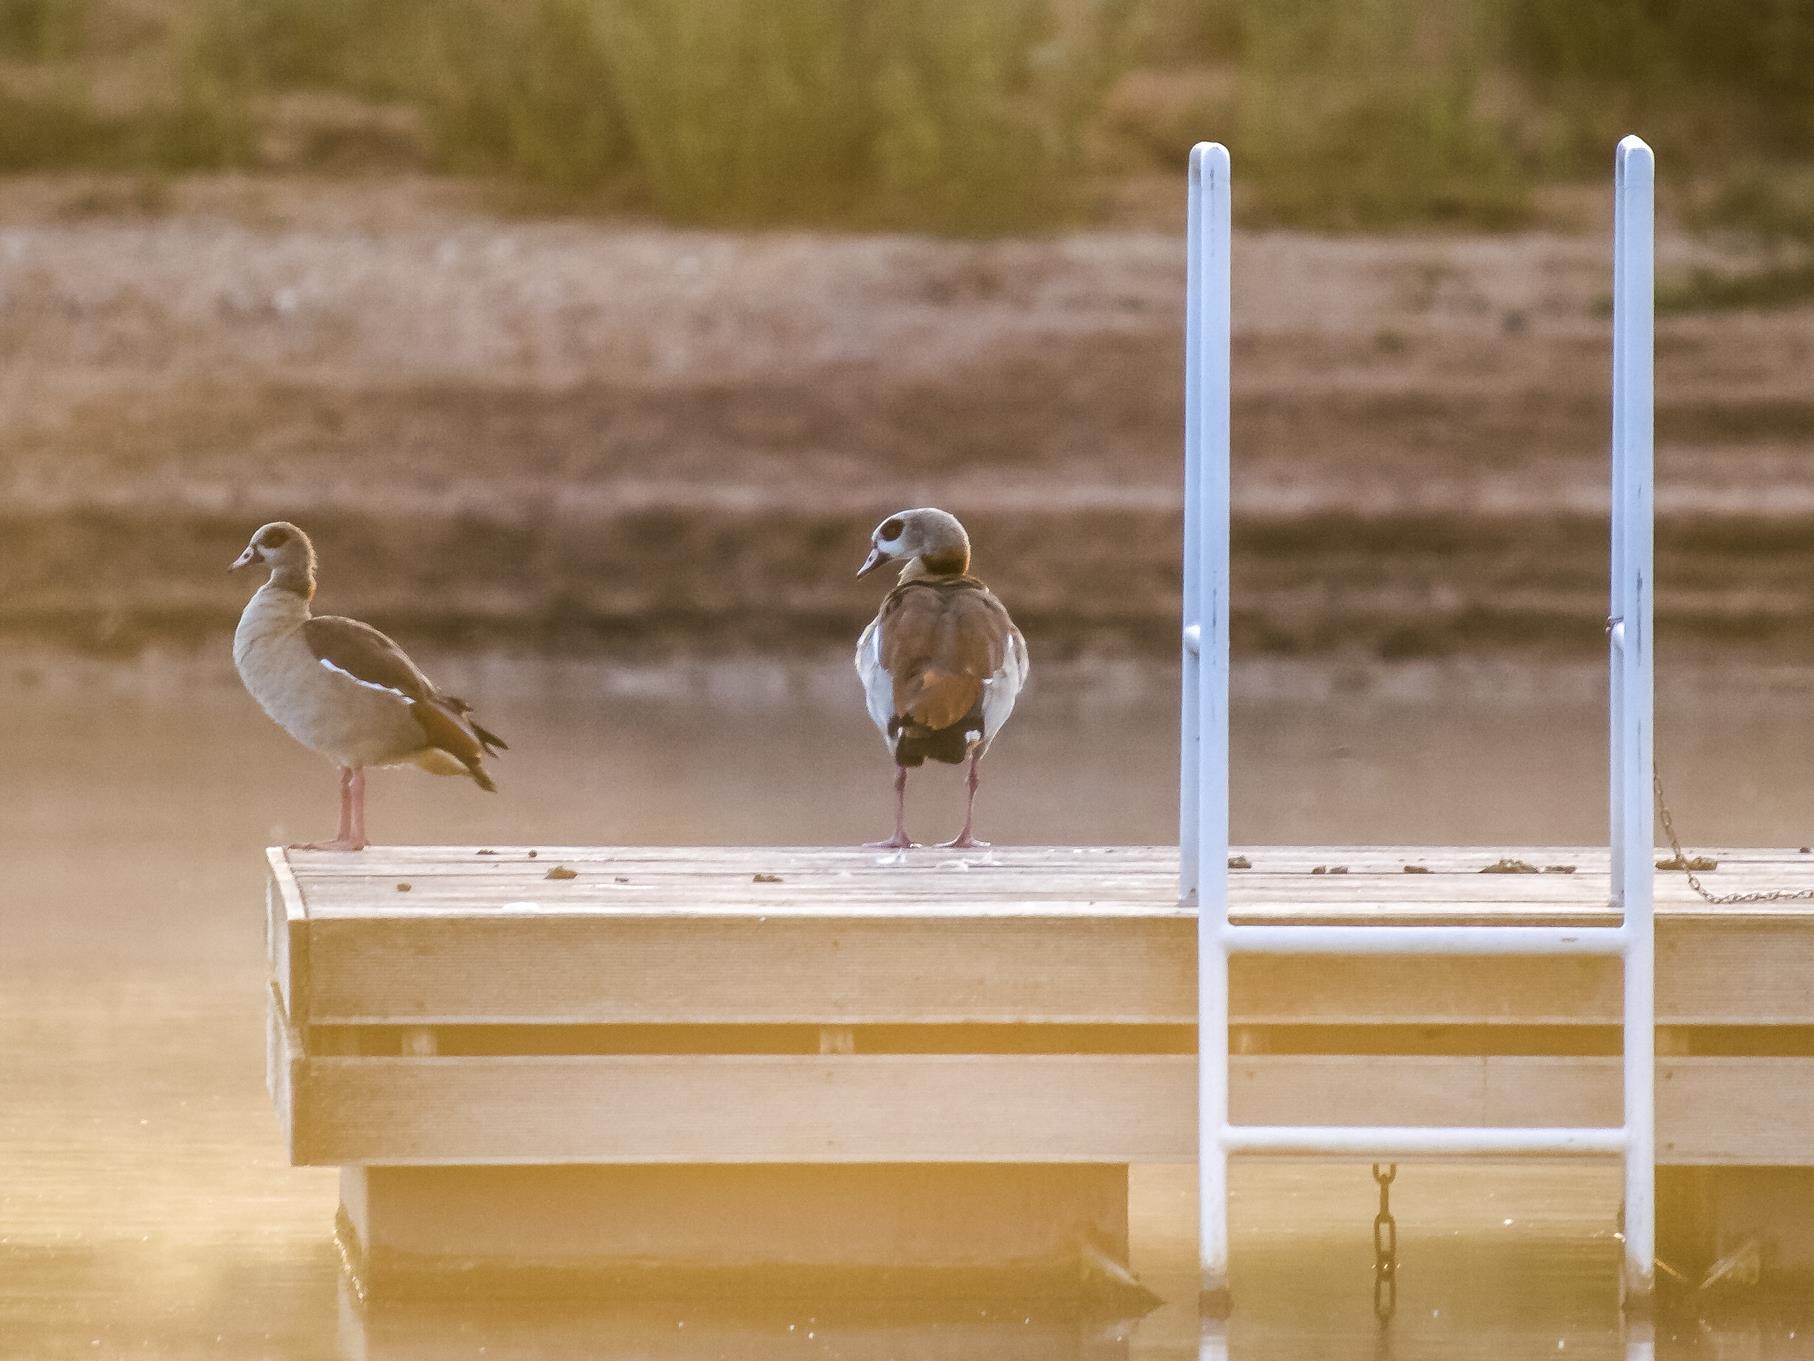 Zwei Nilgänse sitzen morgens auf dem Badepodest des Freizeitvereins.